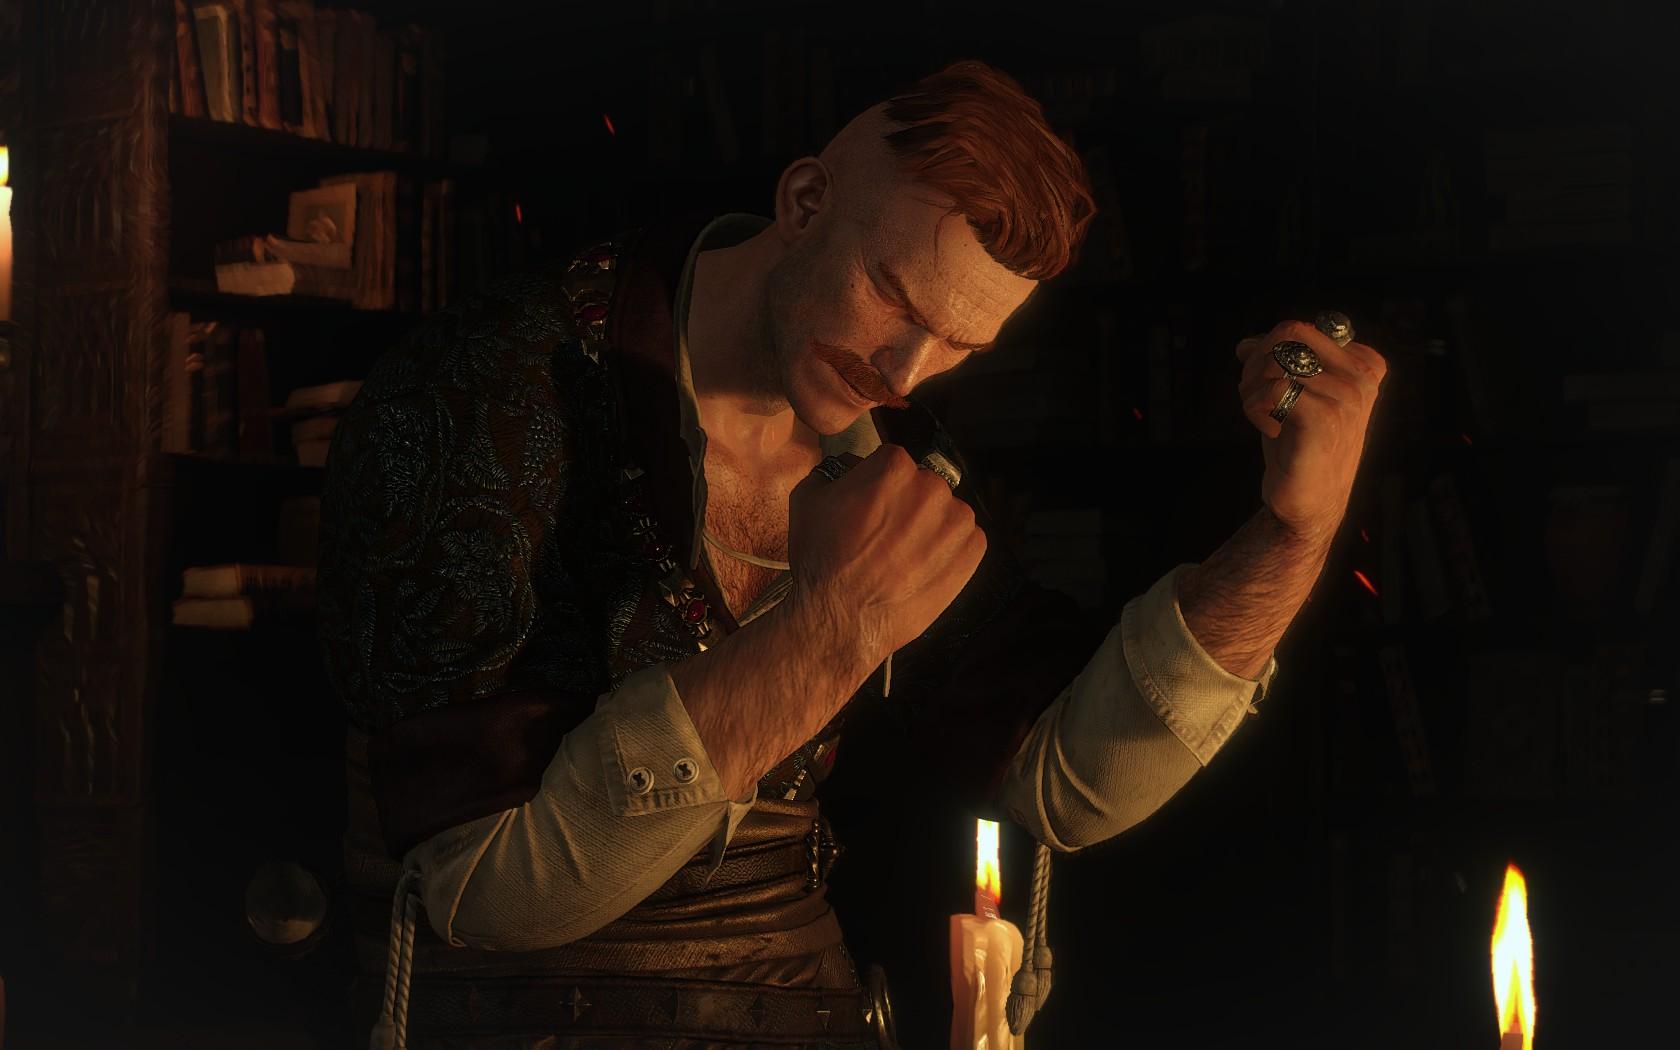 Твоё лицо, когда Геральт отгадал загадку мистера Зеркало - Witcher 3: Wild Hunt, the